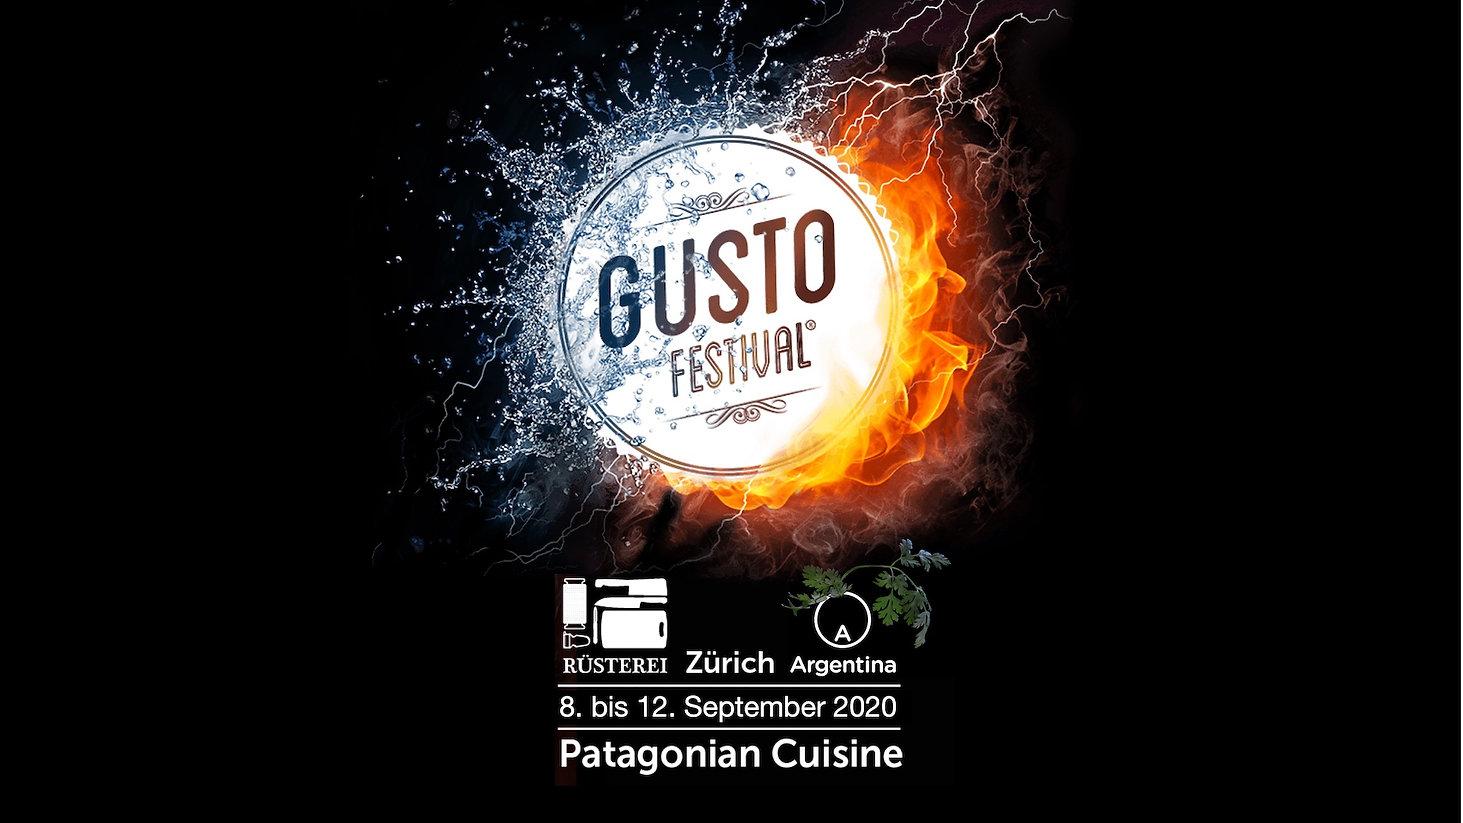 Gustofestival Patagonian Cuisine .jpeg